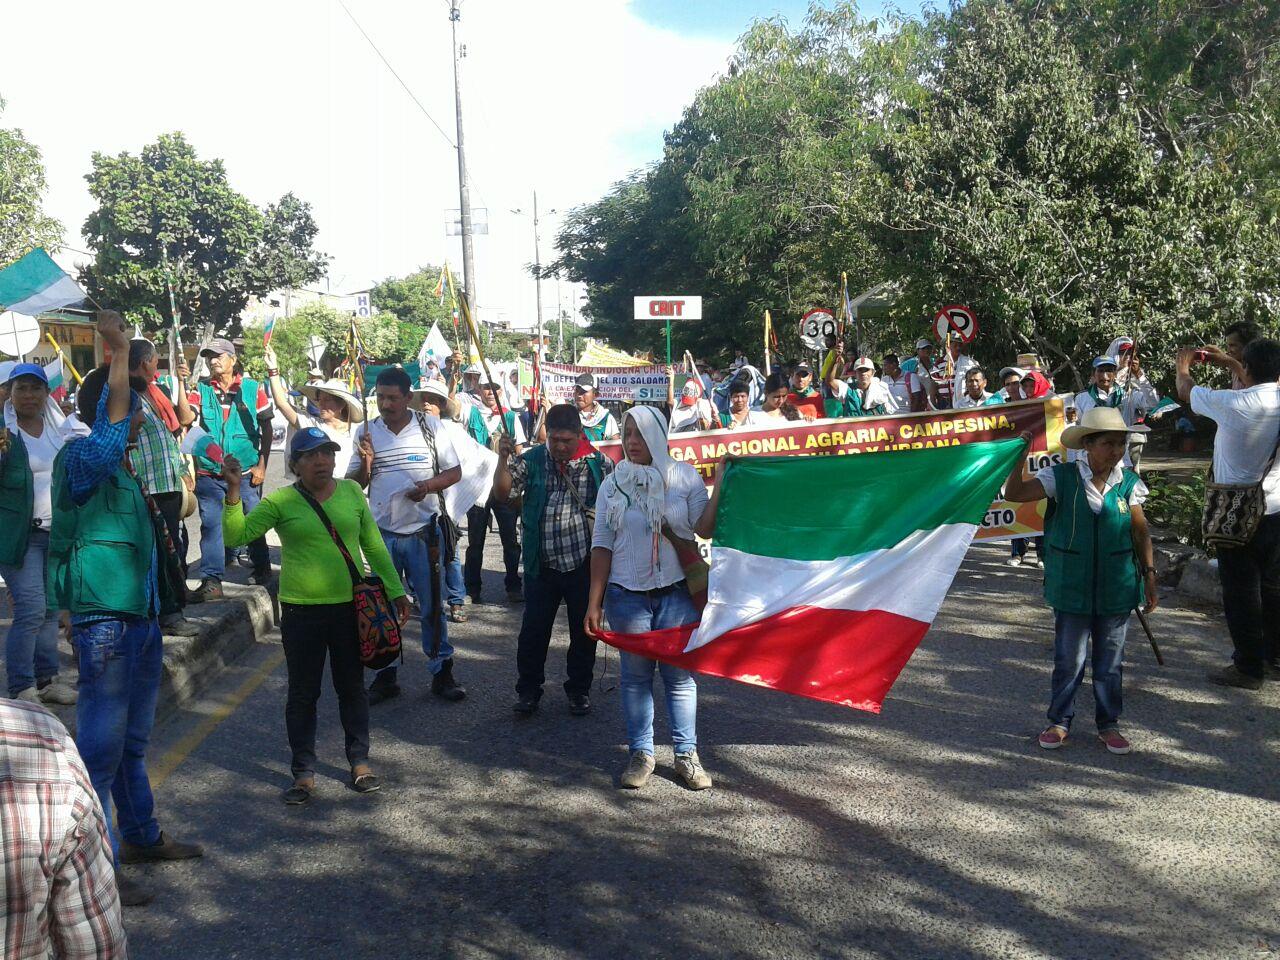 ONIC - Más de 1.200 indígenas Pijaos se movilizan en ... - photo#50